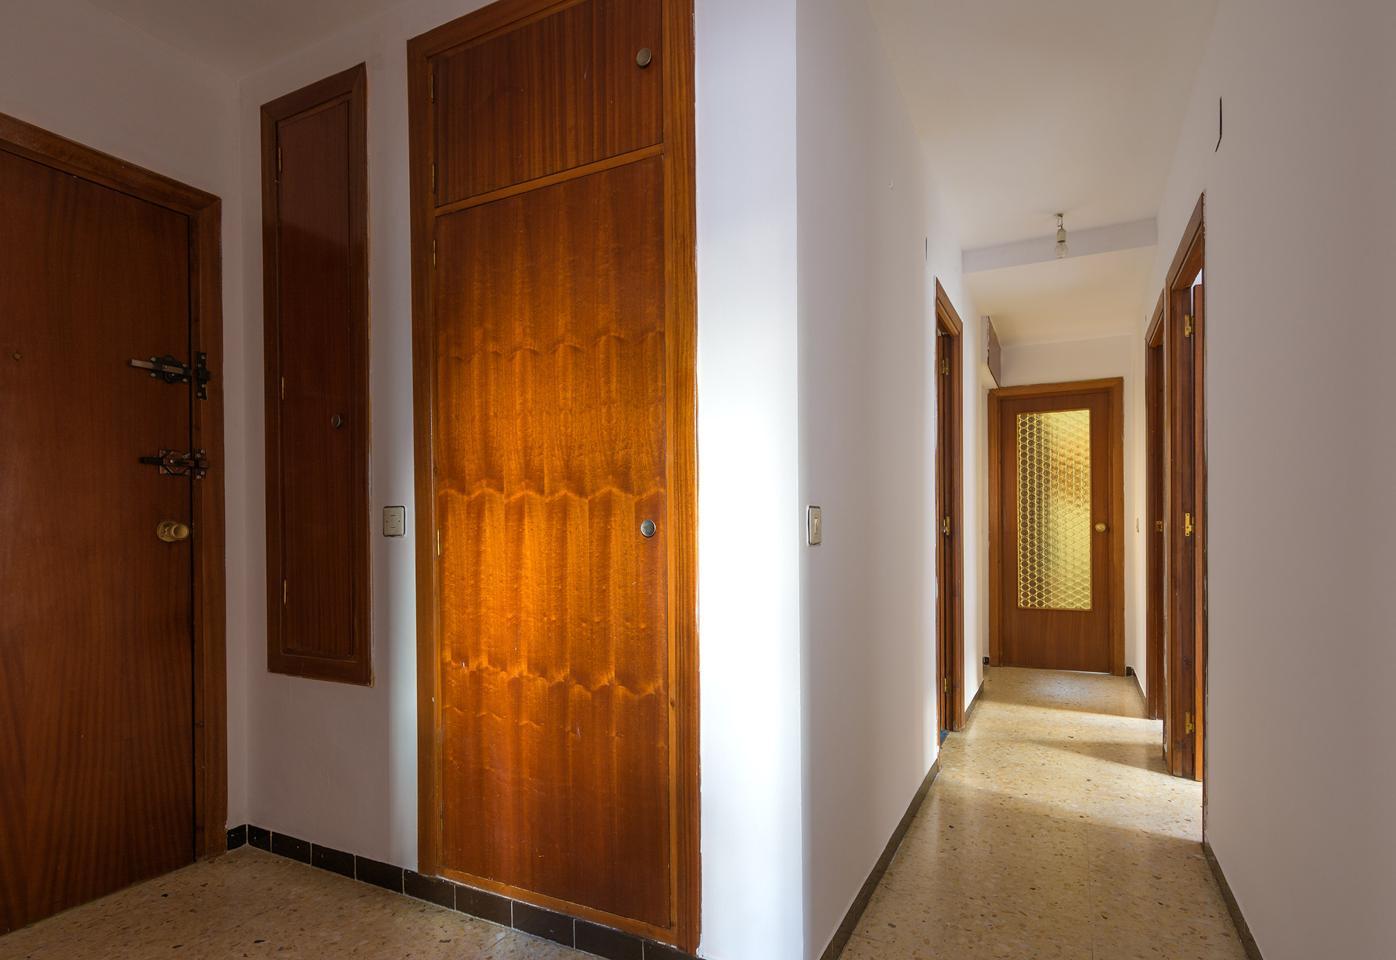 Venta de piso en centro casco antiguo c ceres for Pisos nuevos en caceres